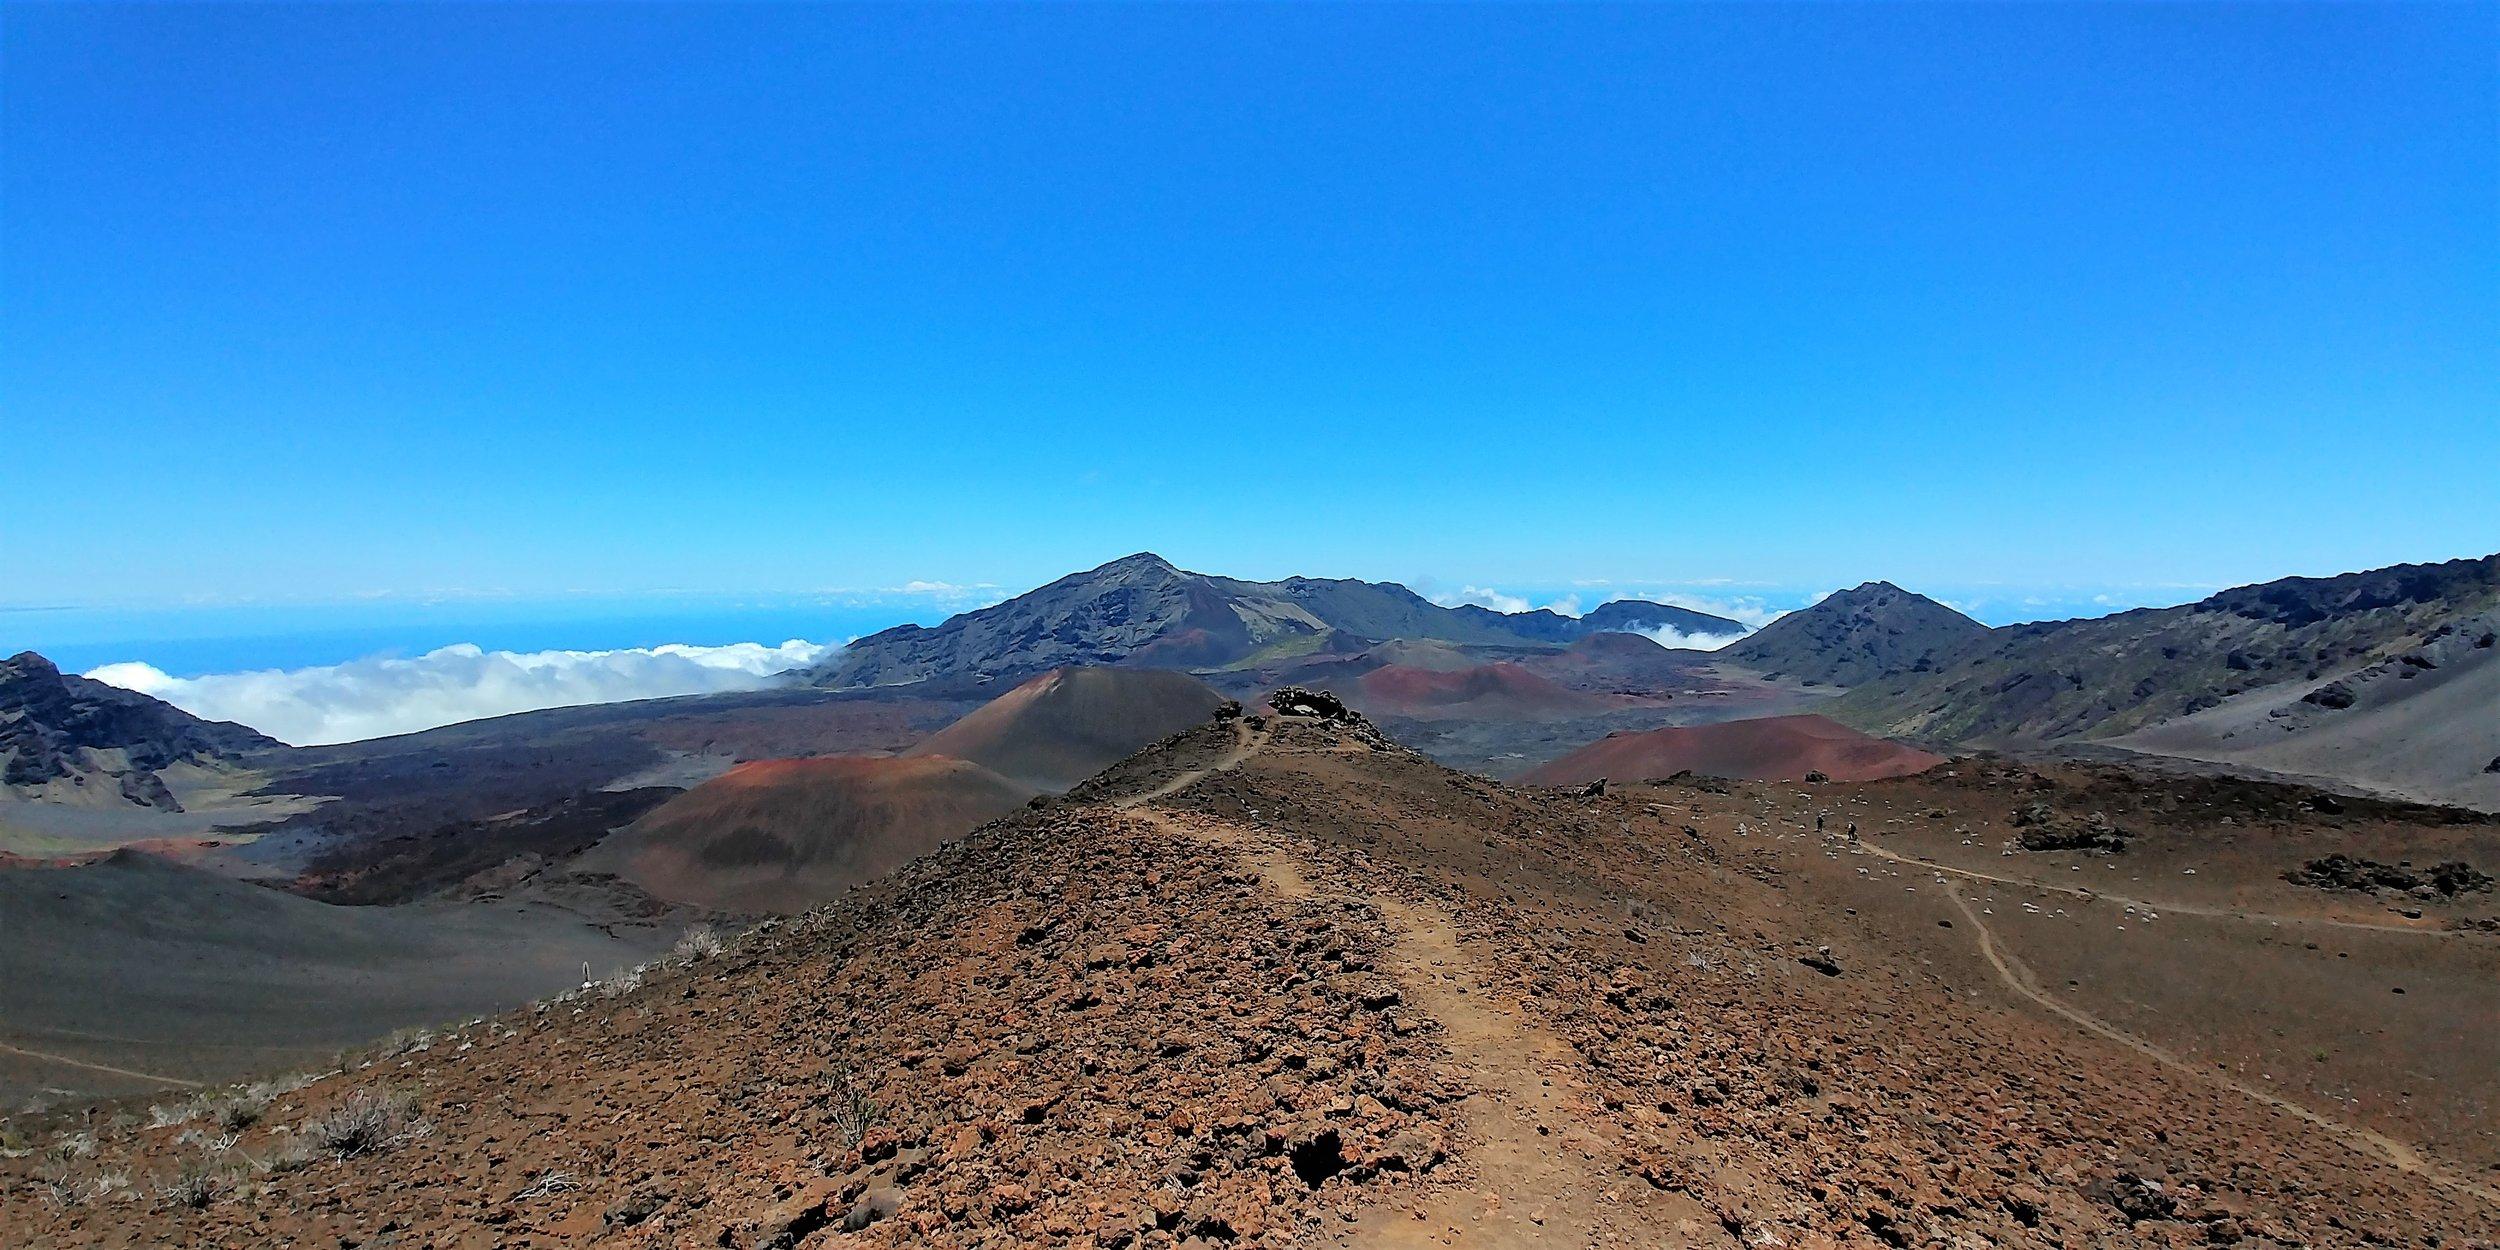 Haleakala National Park, Maui HI